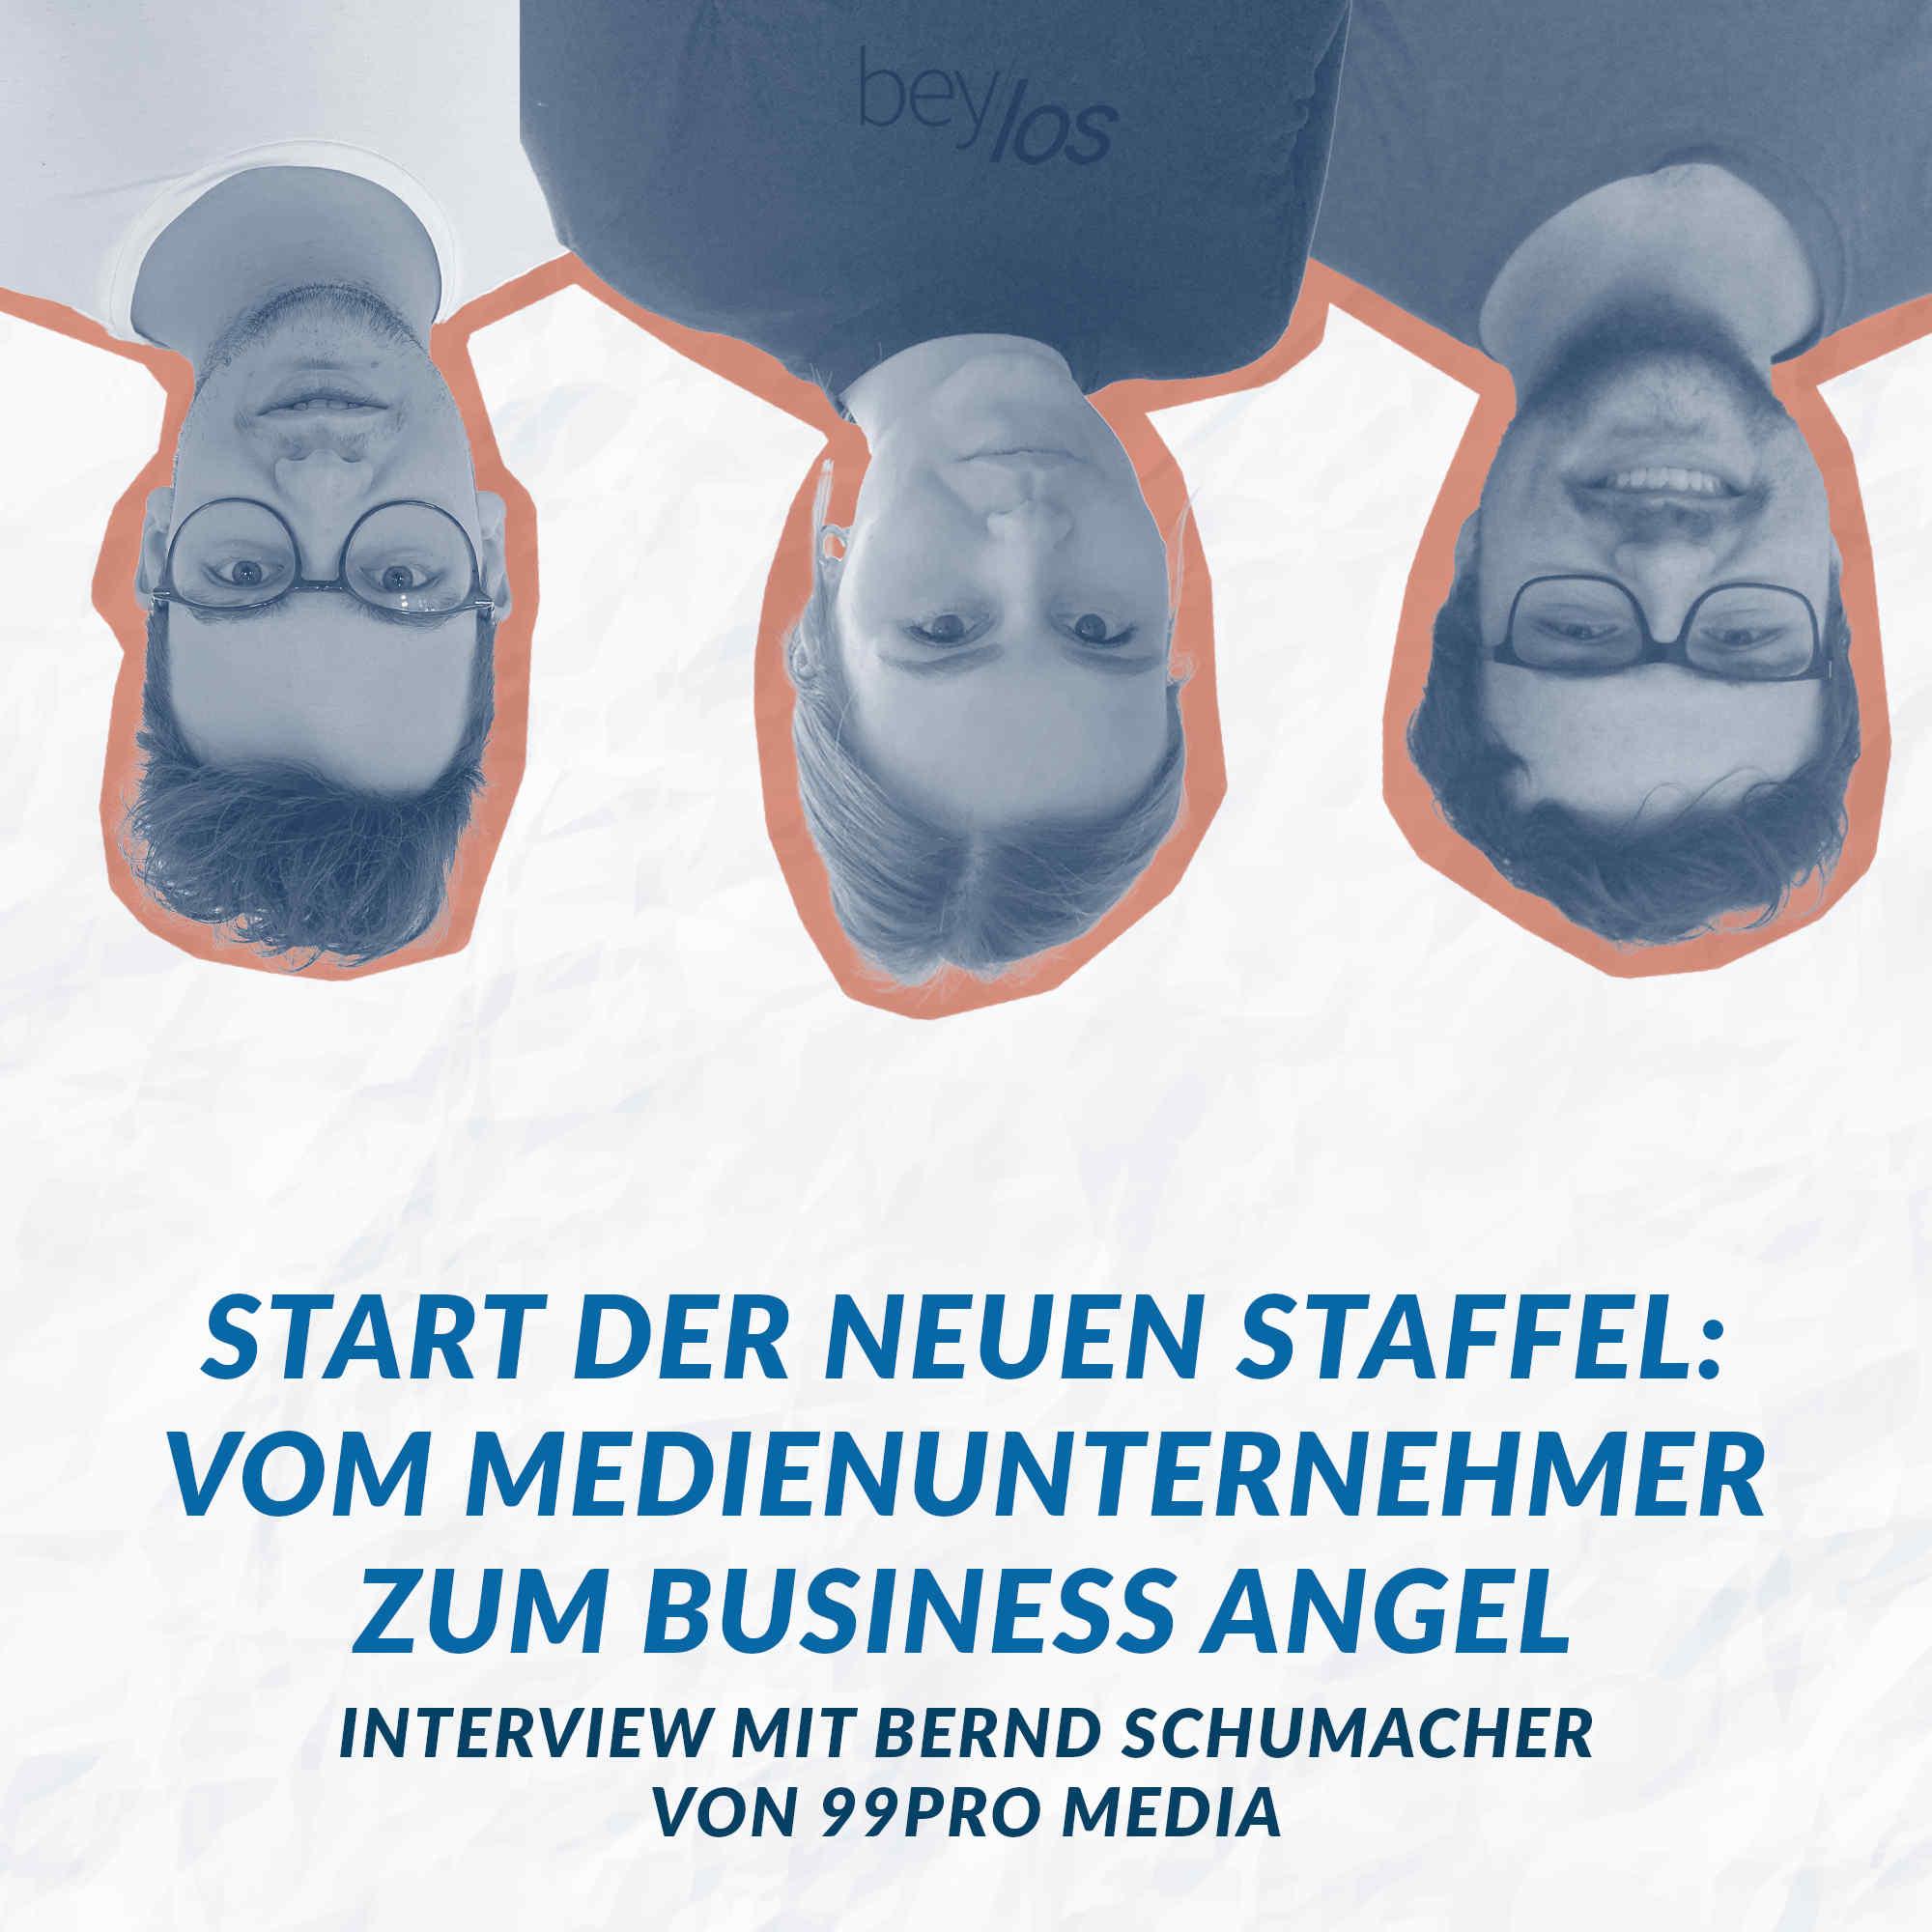 Interview mit Bernd Schumacher von 99pro media